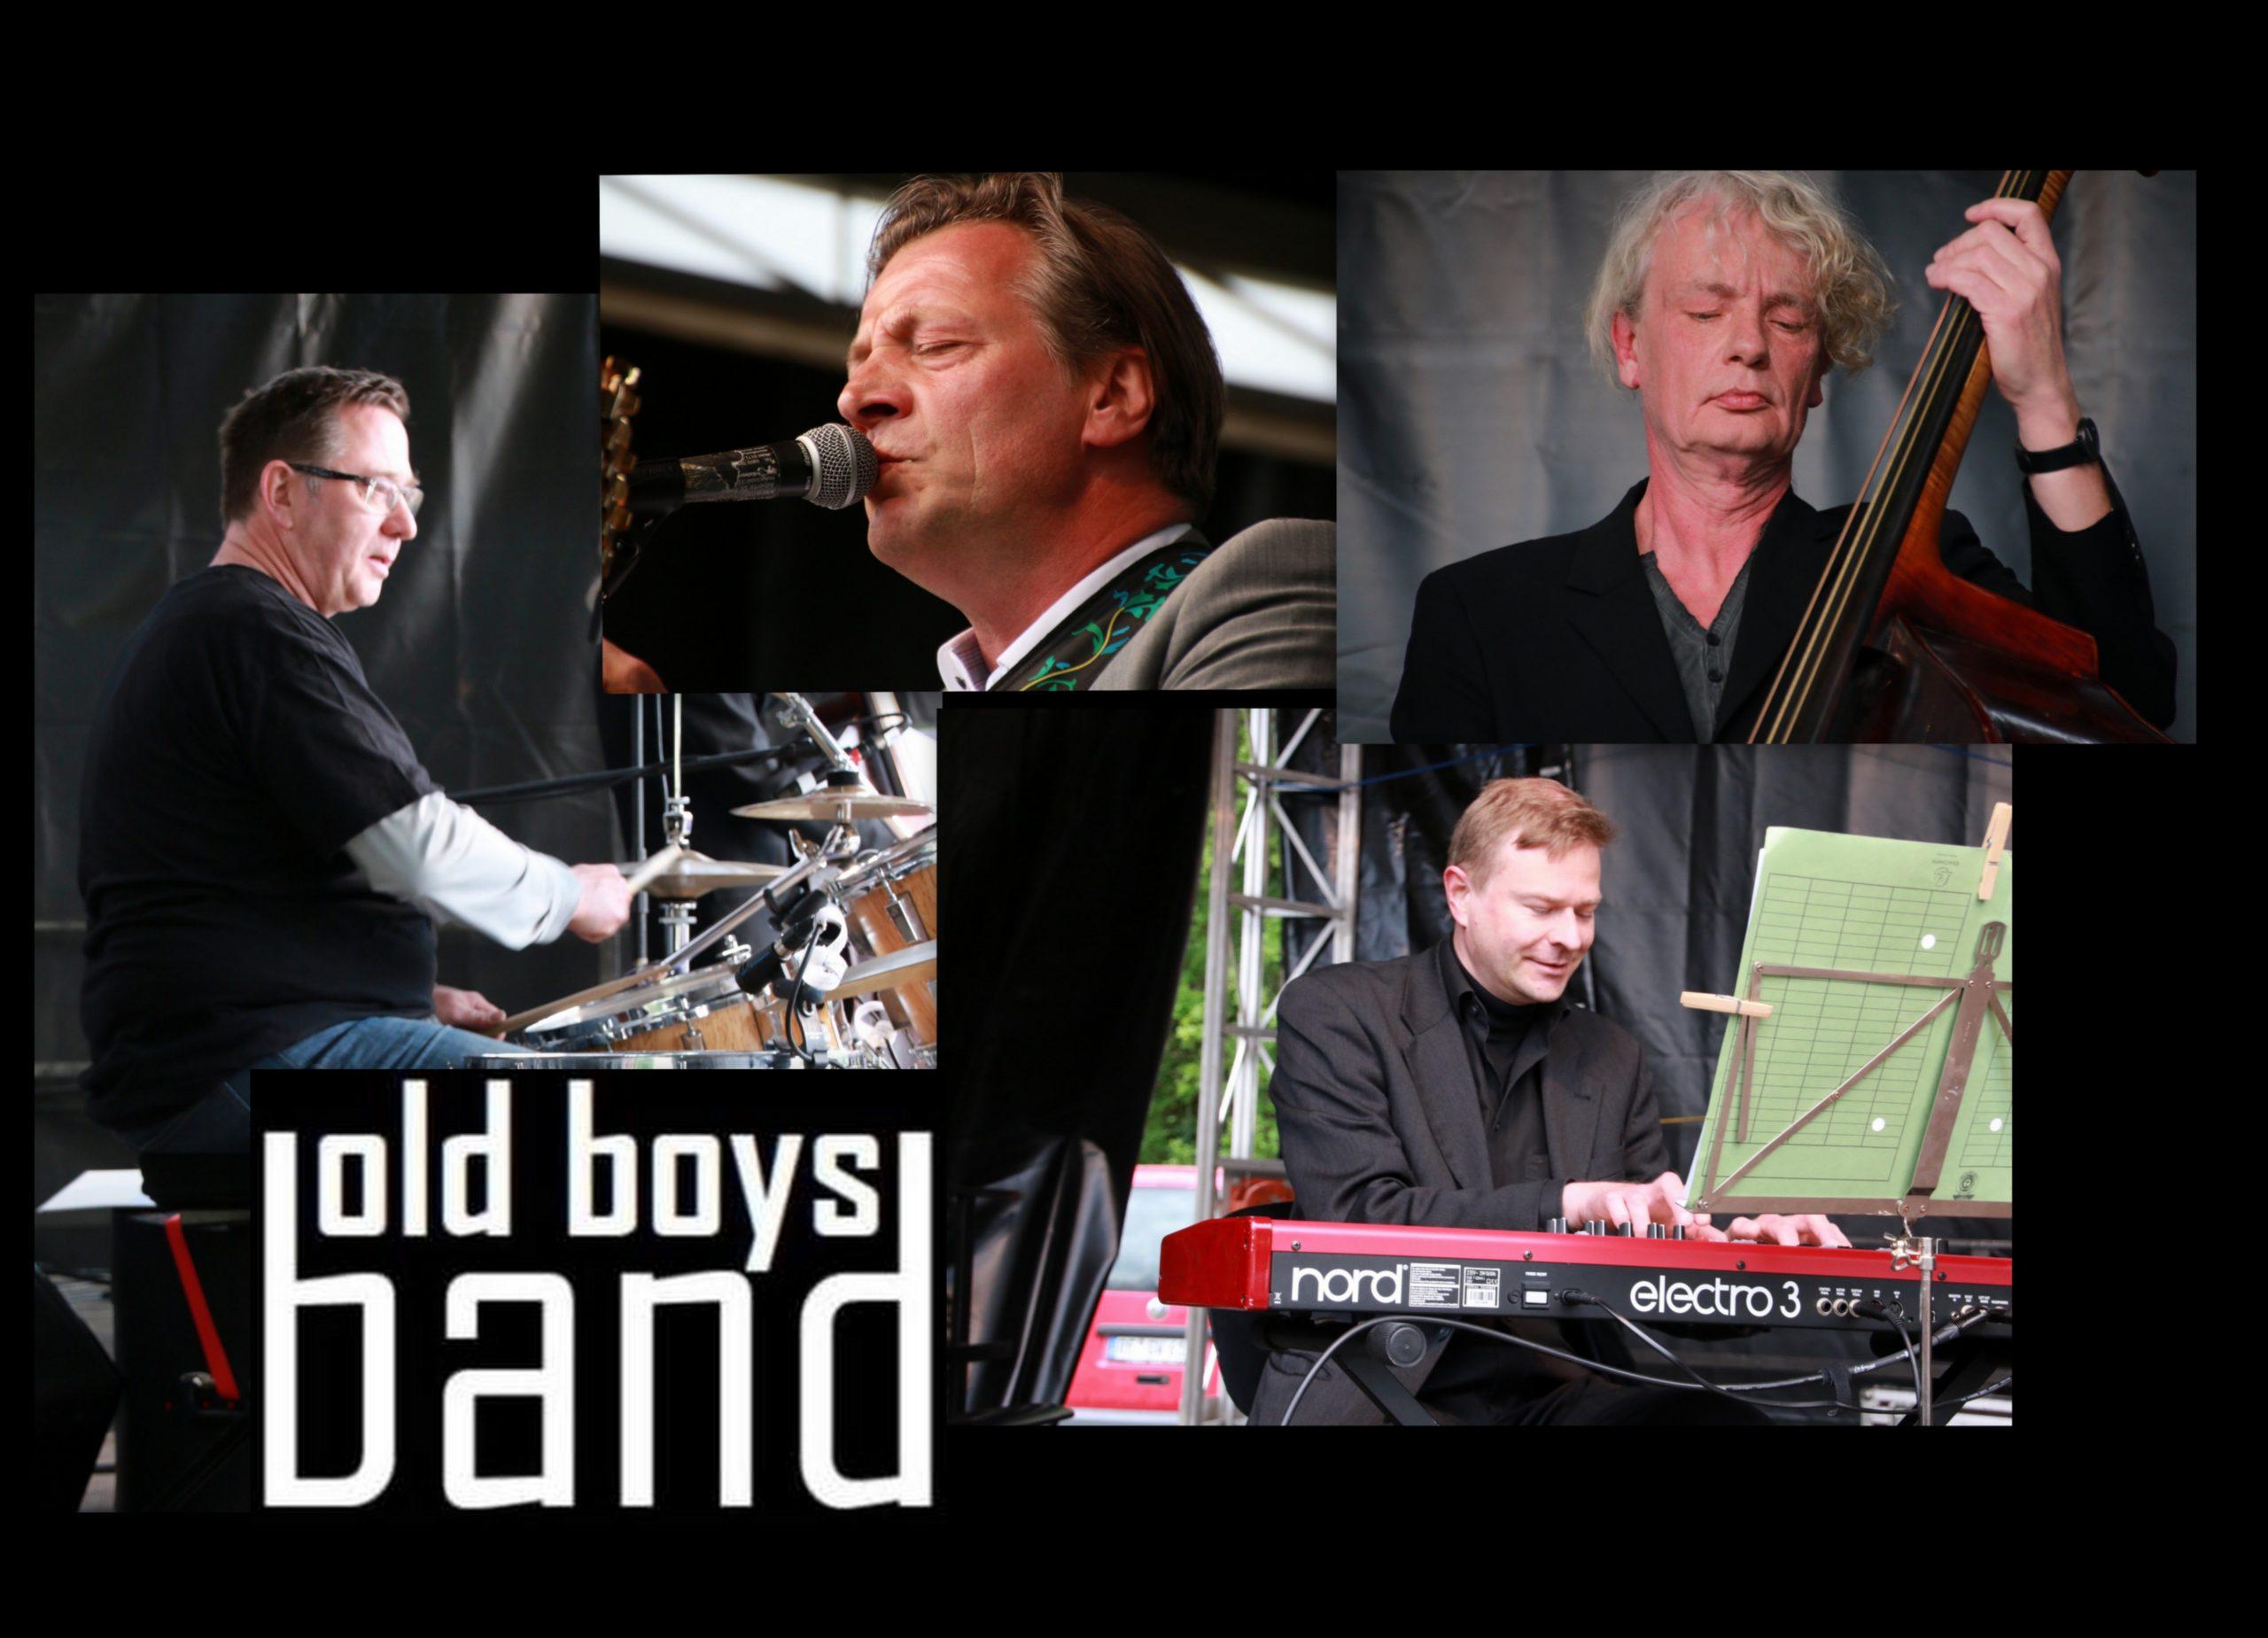 HofKultur: Auftakt mit der Old boys band